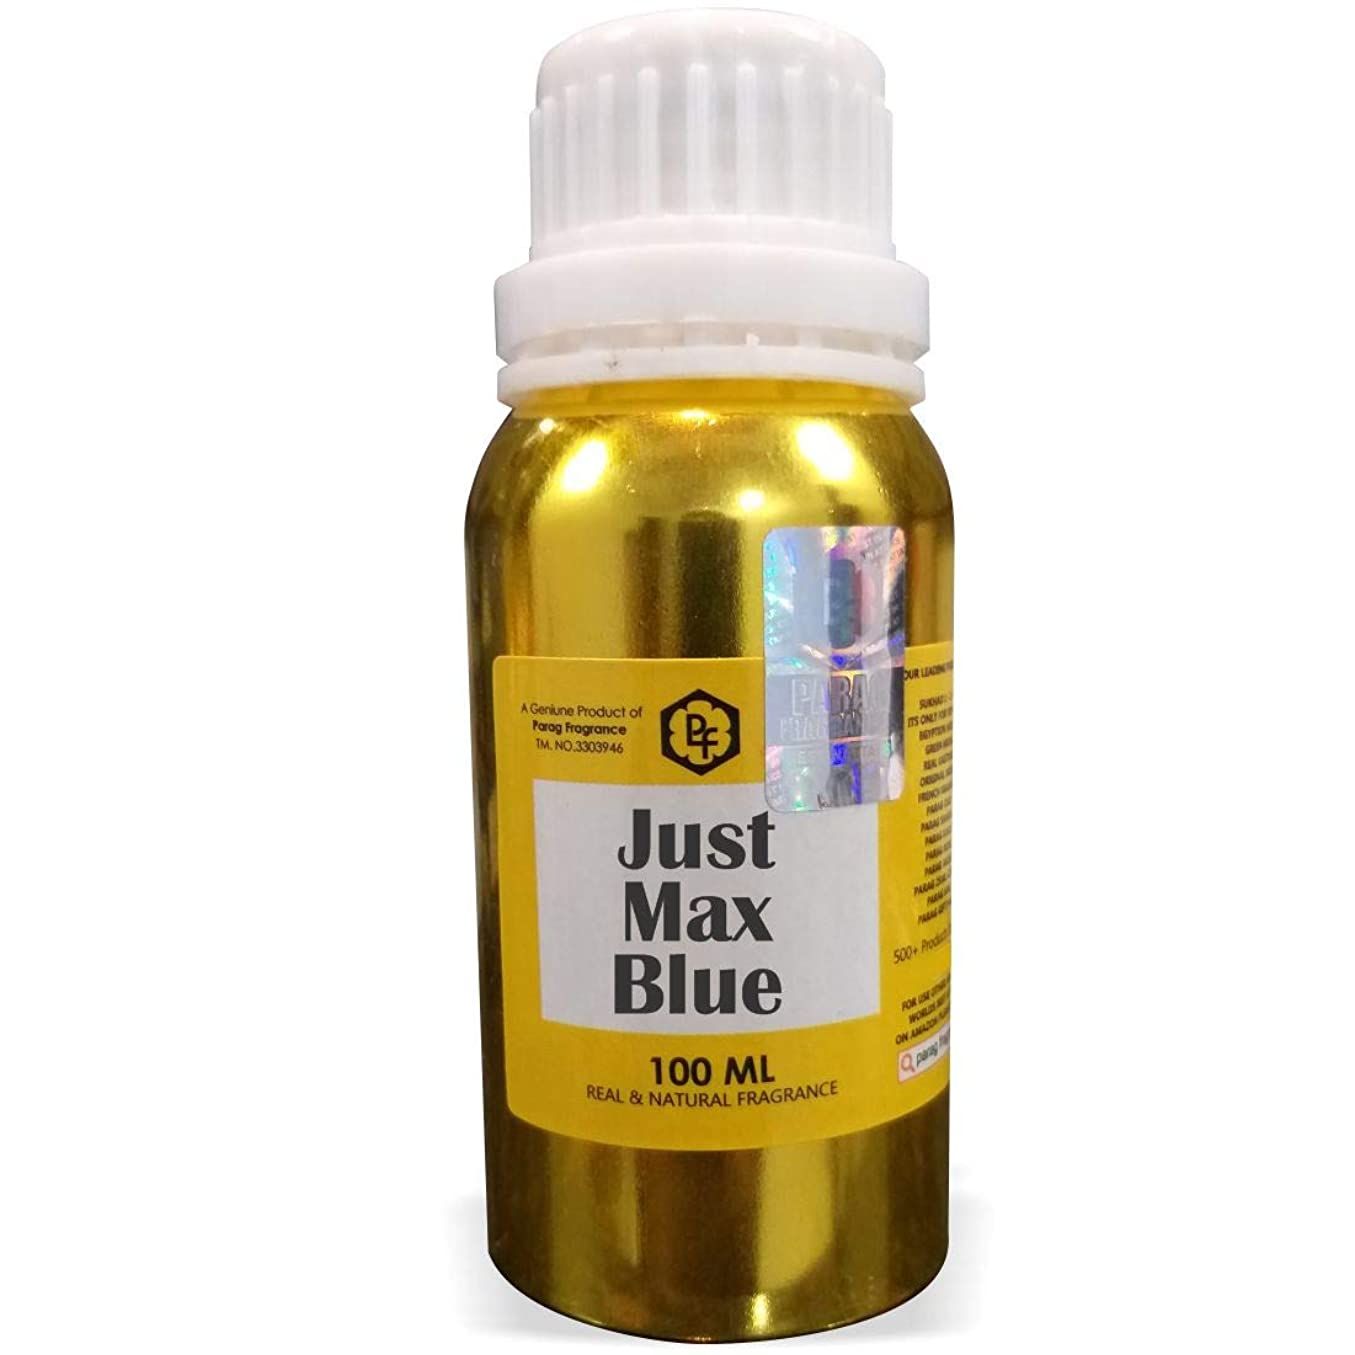 スイング寄付自殺Paragフレグランスただ、マックスブルーアター100ミリリットル(男性用アルコールフリーアター)香油| 香り| ITRA